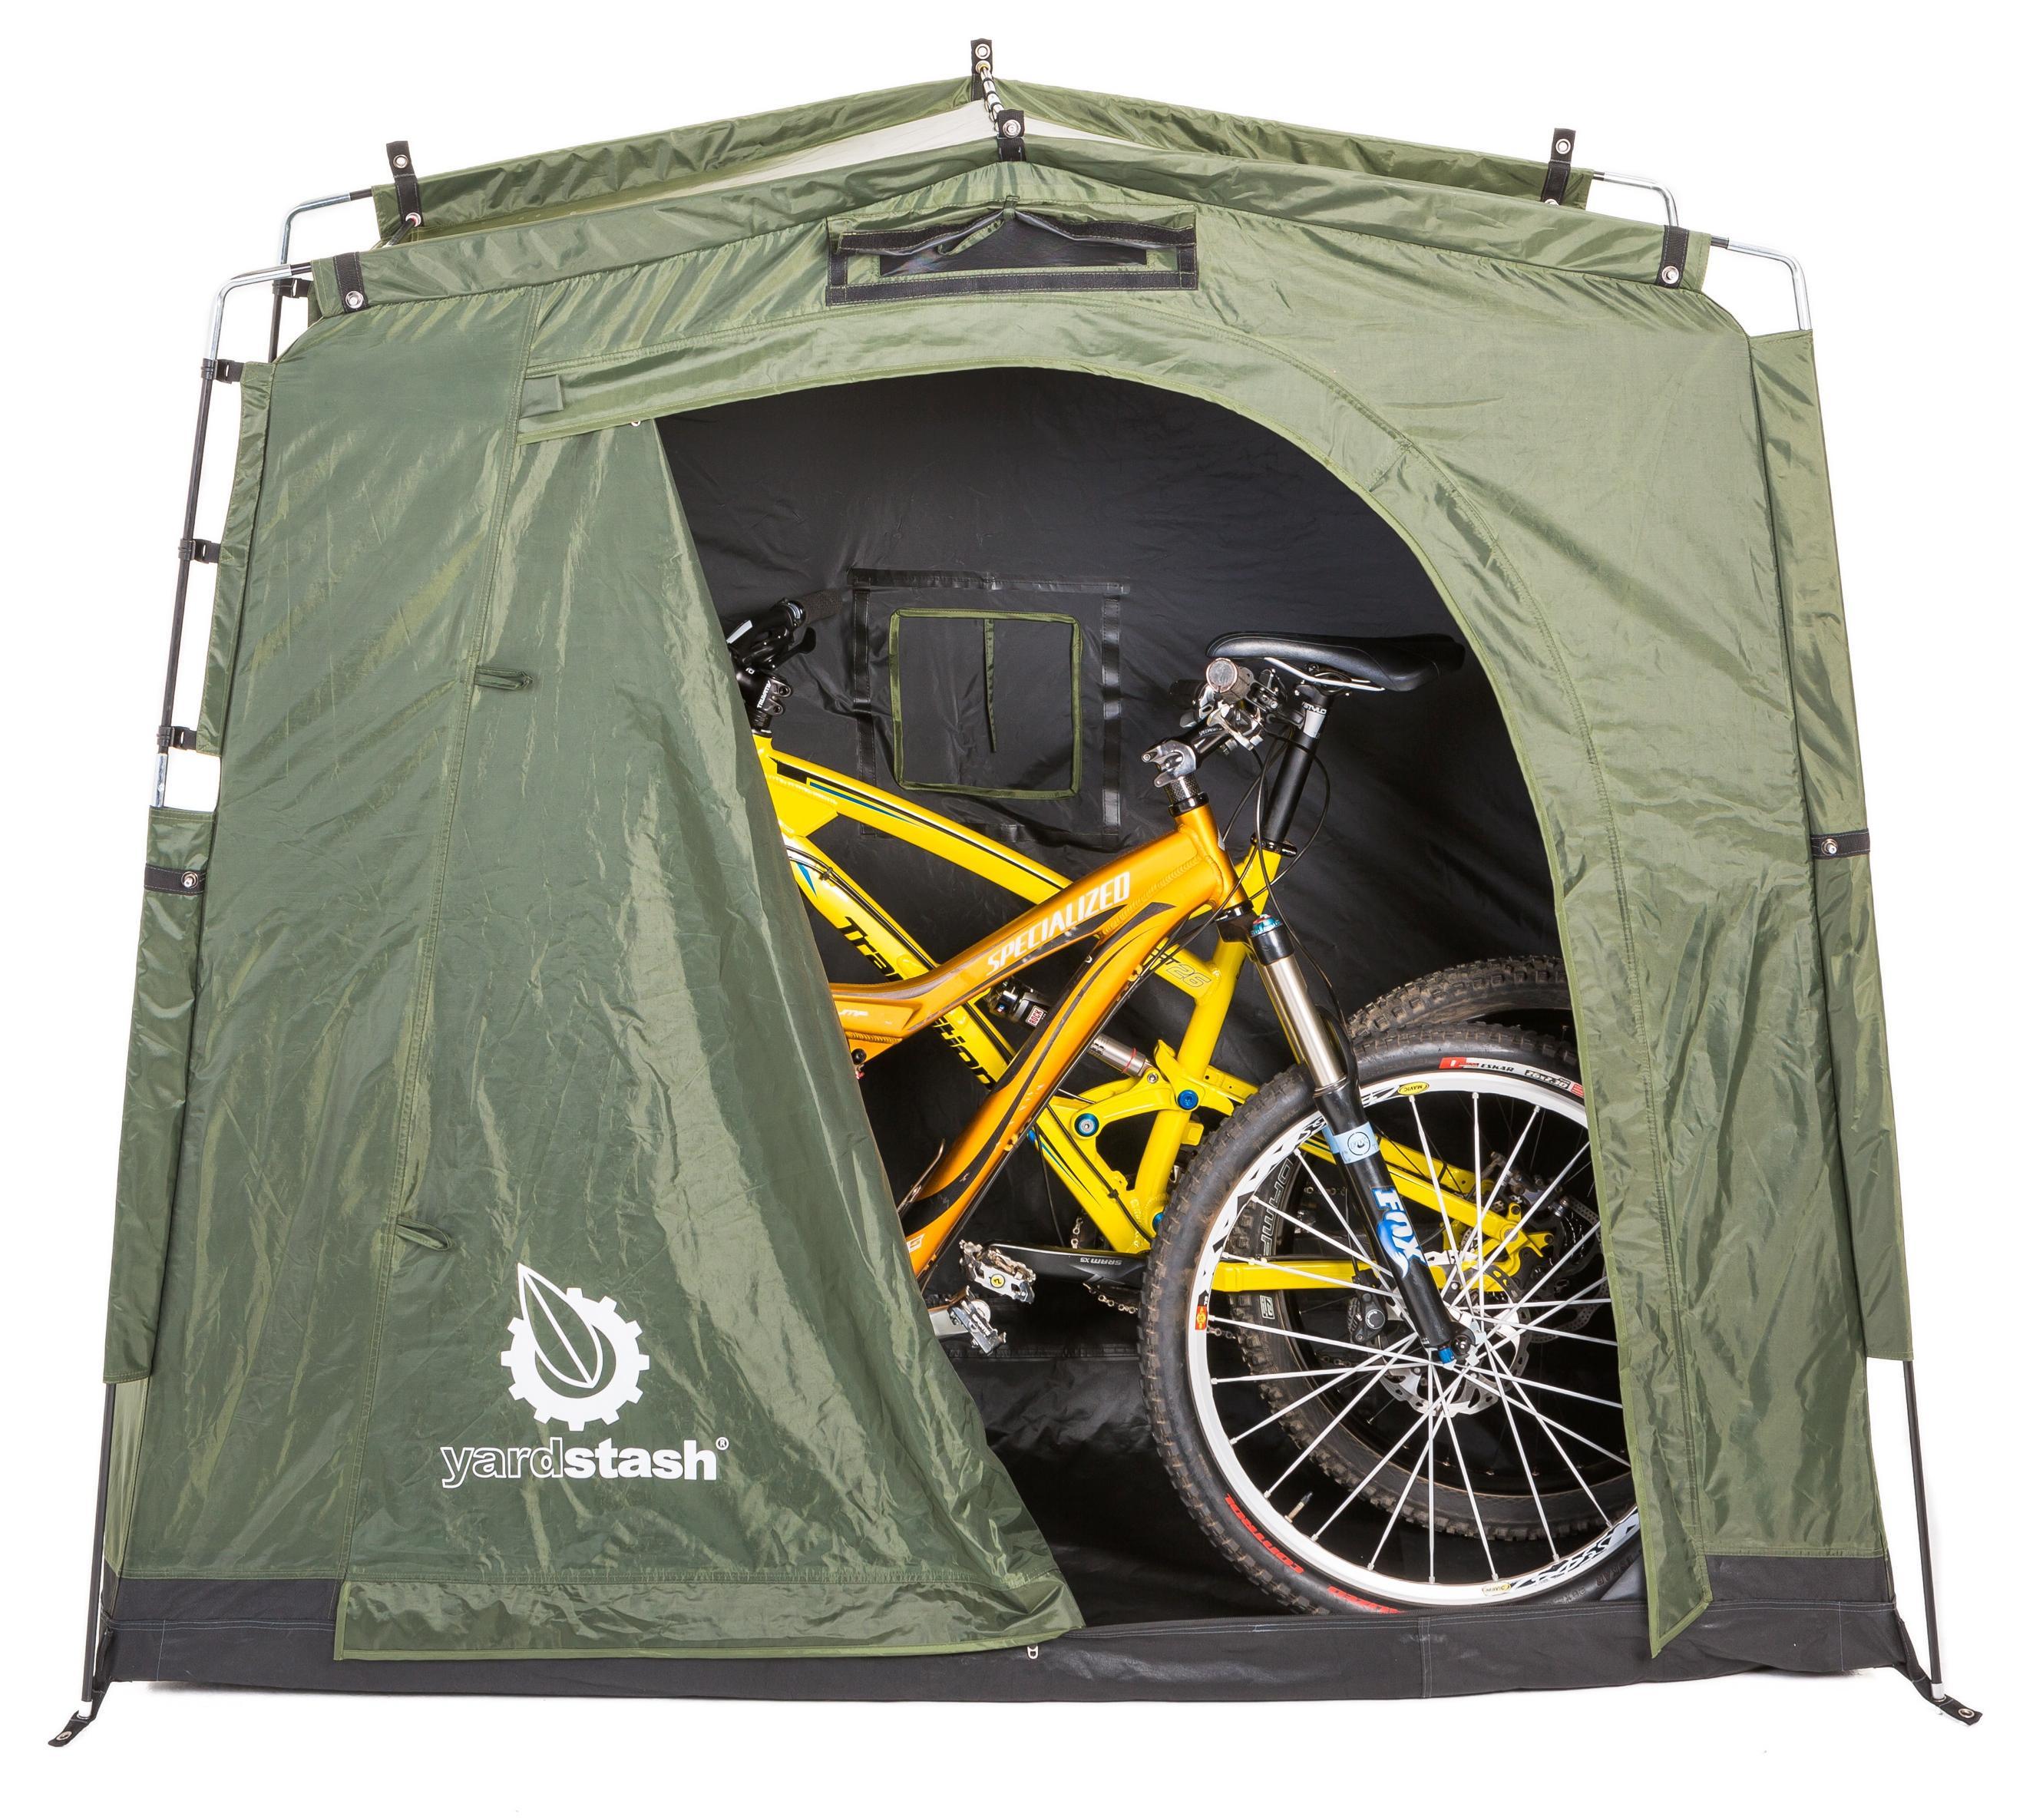 Amazon Com The Yardstash Iii Space Saving Outdoor Bike